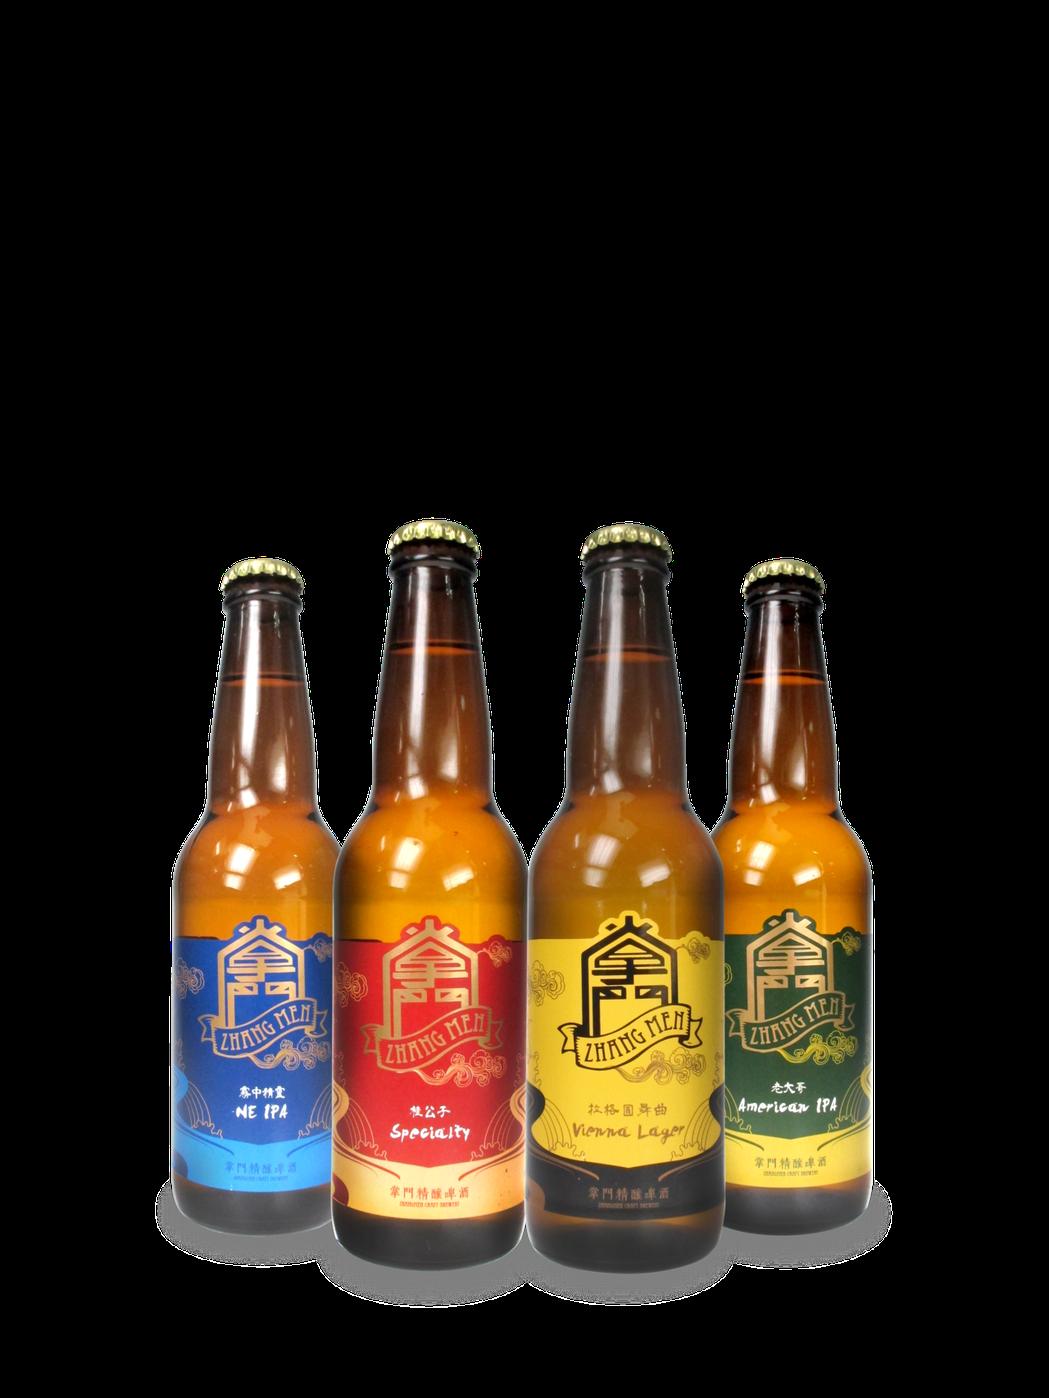 掌門精釀啤酒新上市瓶裝系列。 掌門精釀啤酒/提供